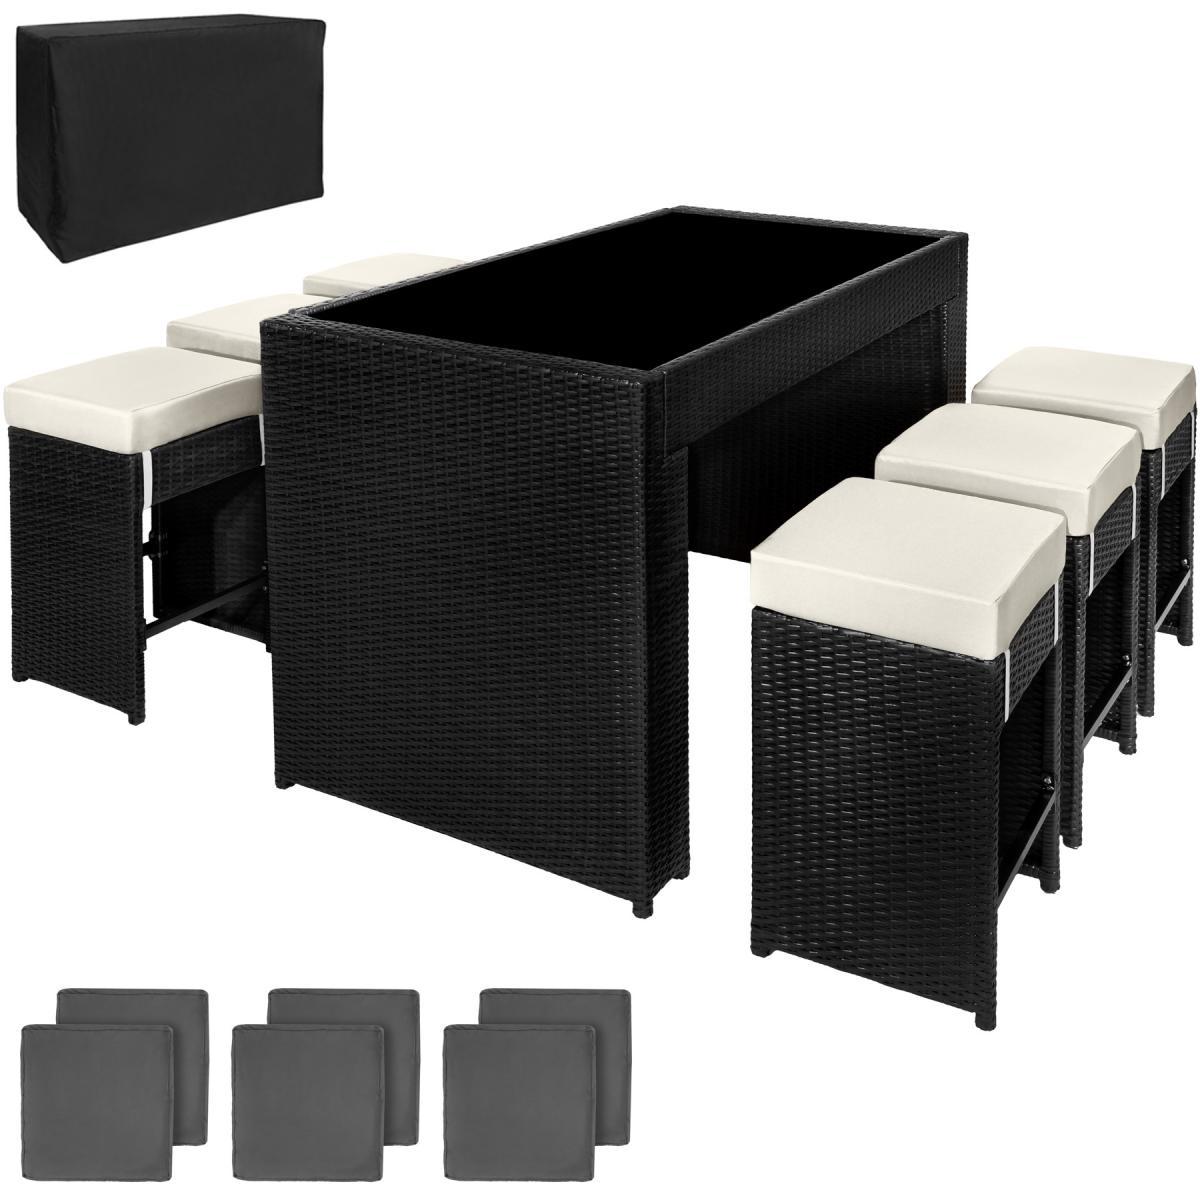 Tectake Salon de jardin CAPRI 6 places avec 2 sets de housses + housse de protection - noir